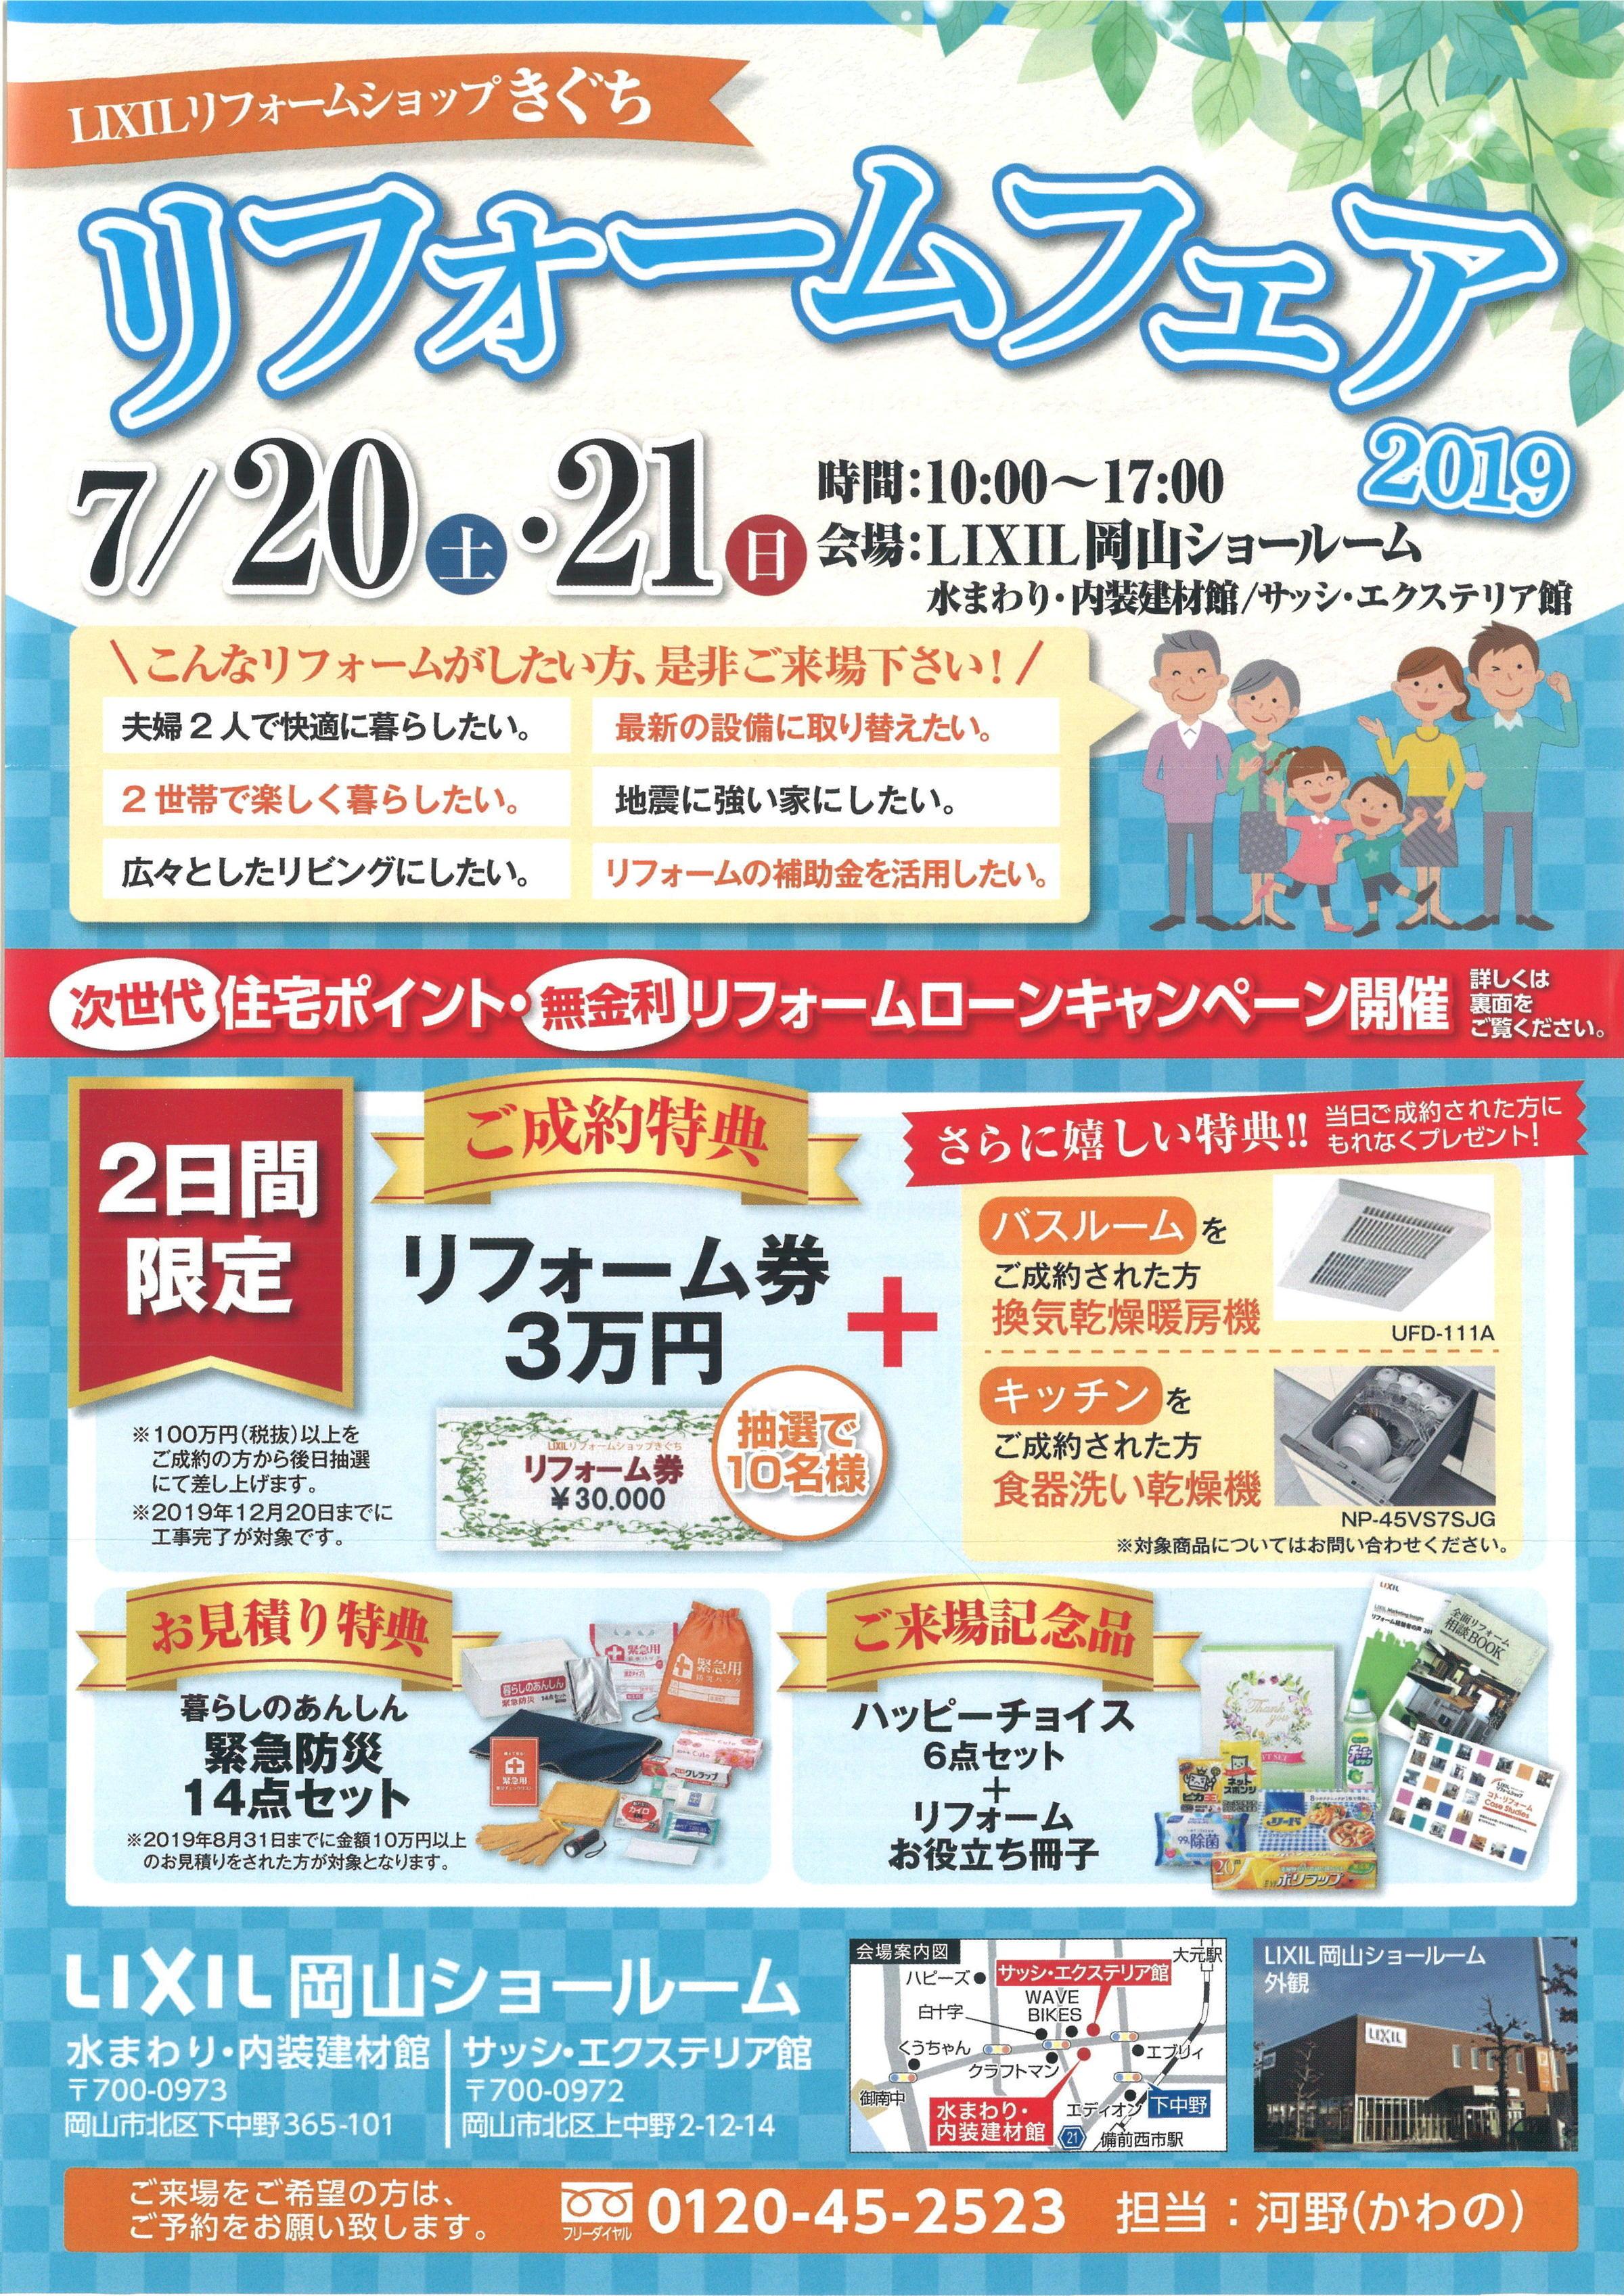 https://lixil-reformshop.jp/shop/SP00000598/assets_c/2019/07/04e3c7c1cd0e1ed9b36f061ebc9fe5b3d3917cd7-thumb-autox3394-293553.jpg